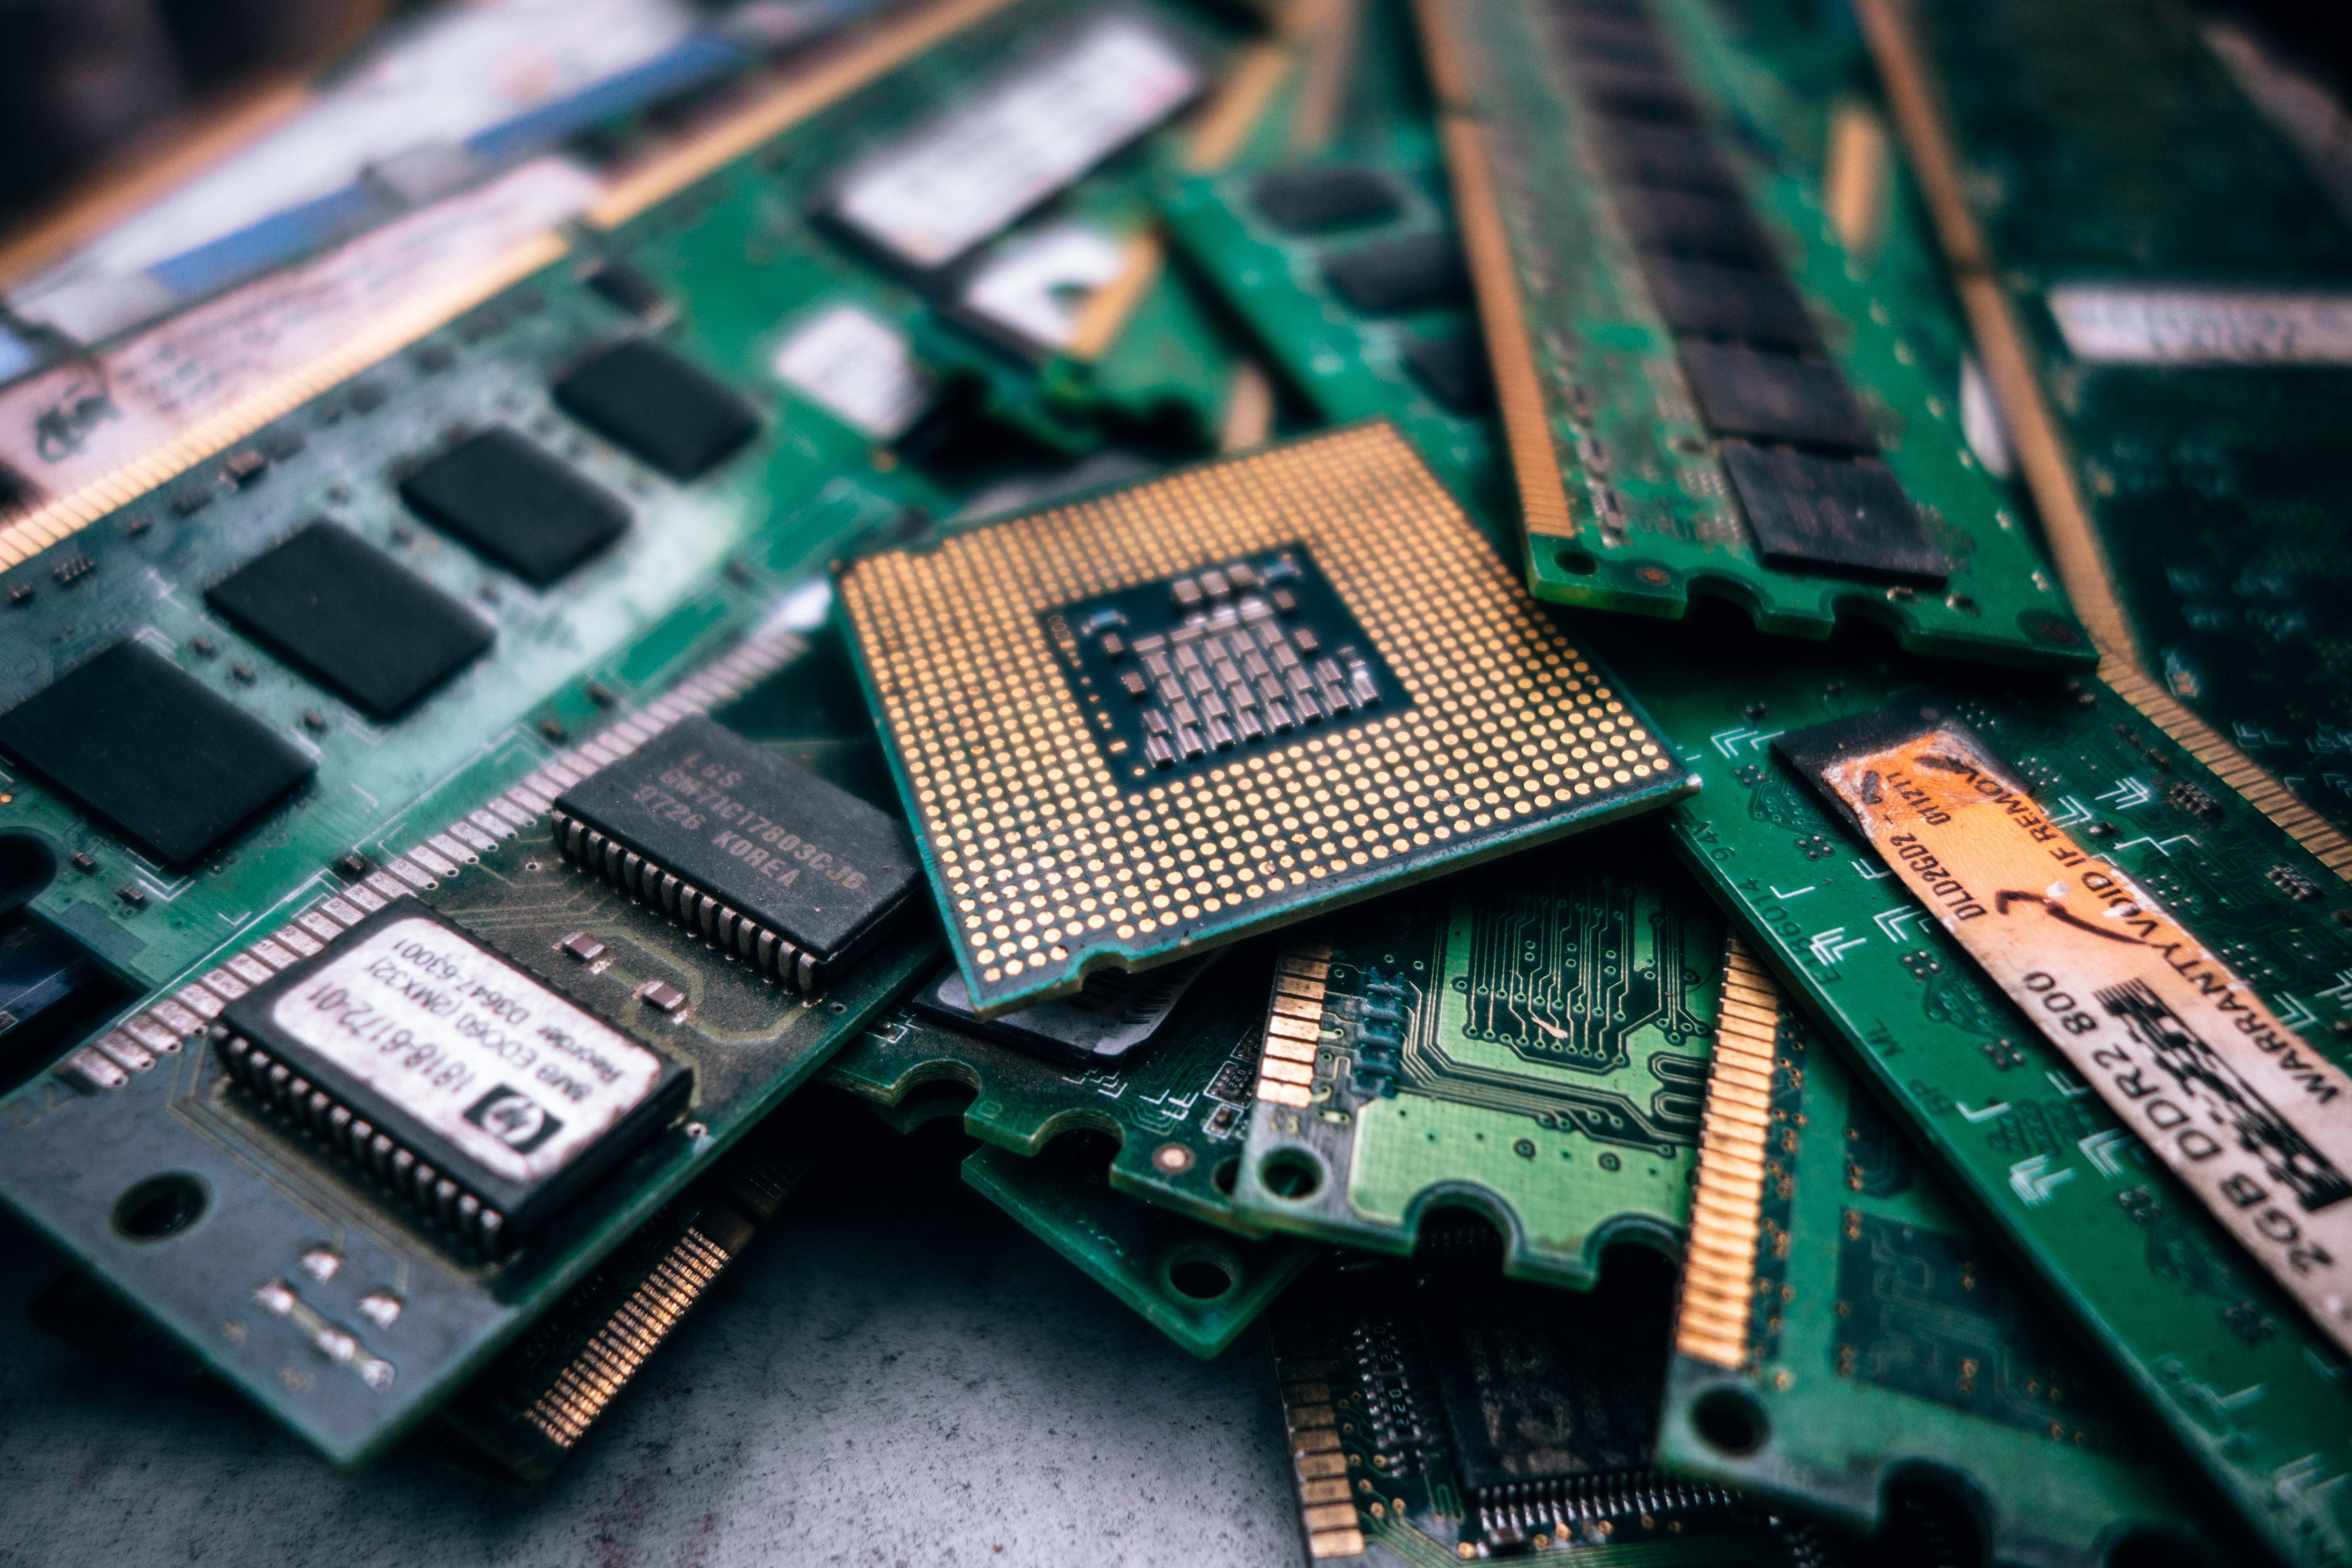 SSD-prisene har sunket i det siste. Neste år vil både RAM og SSD bli enda billigere, ifølge analyser.